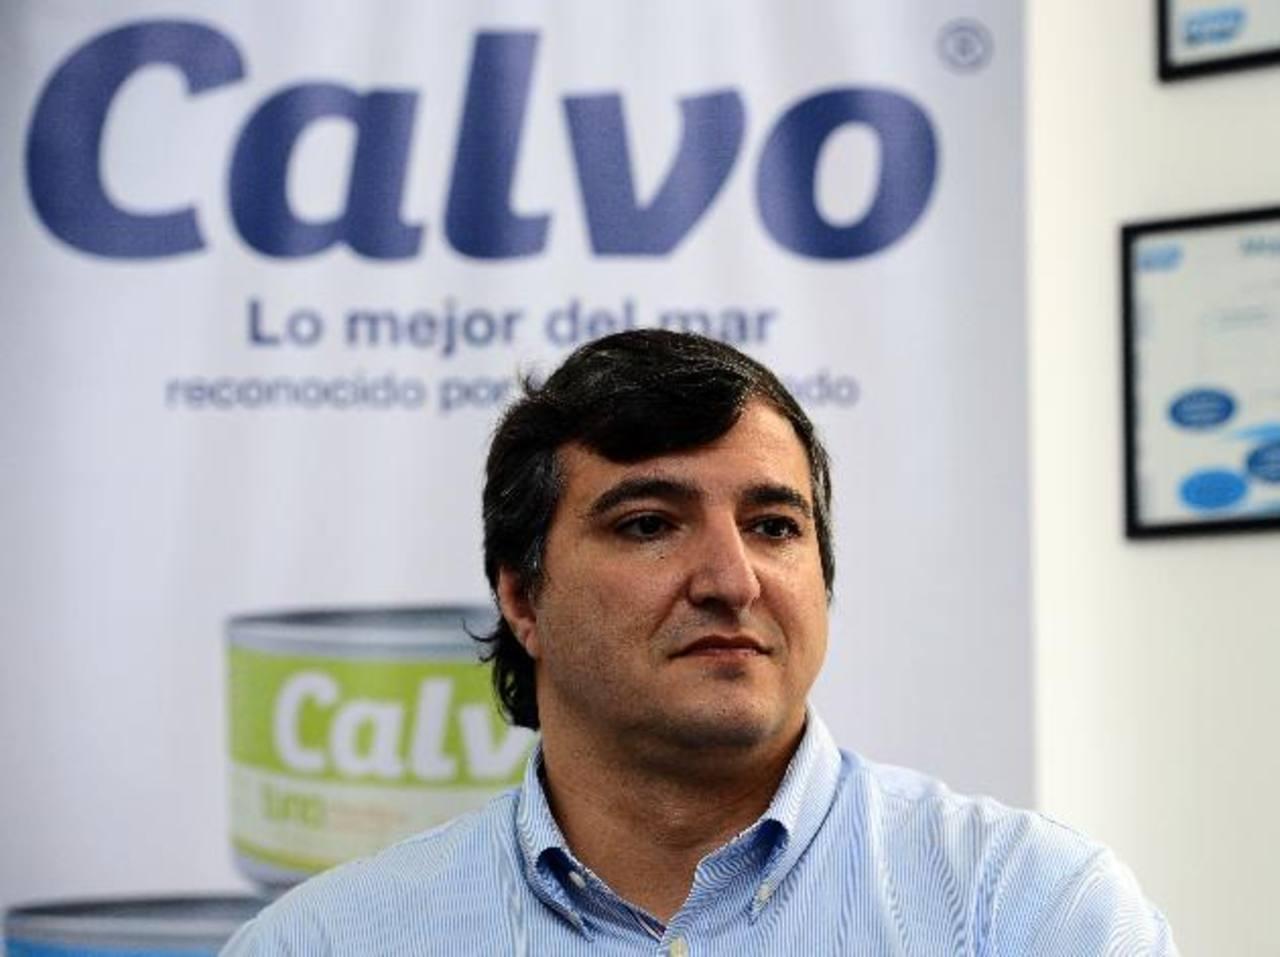 Manuel Calvo, CEO del Grupo Calvo, afirma que los intereses de la firma en el país son los de El Salvador y las autoridades deben defenderlos. FOTO EDH / mario amaya